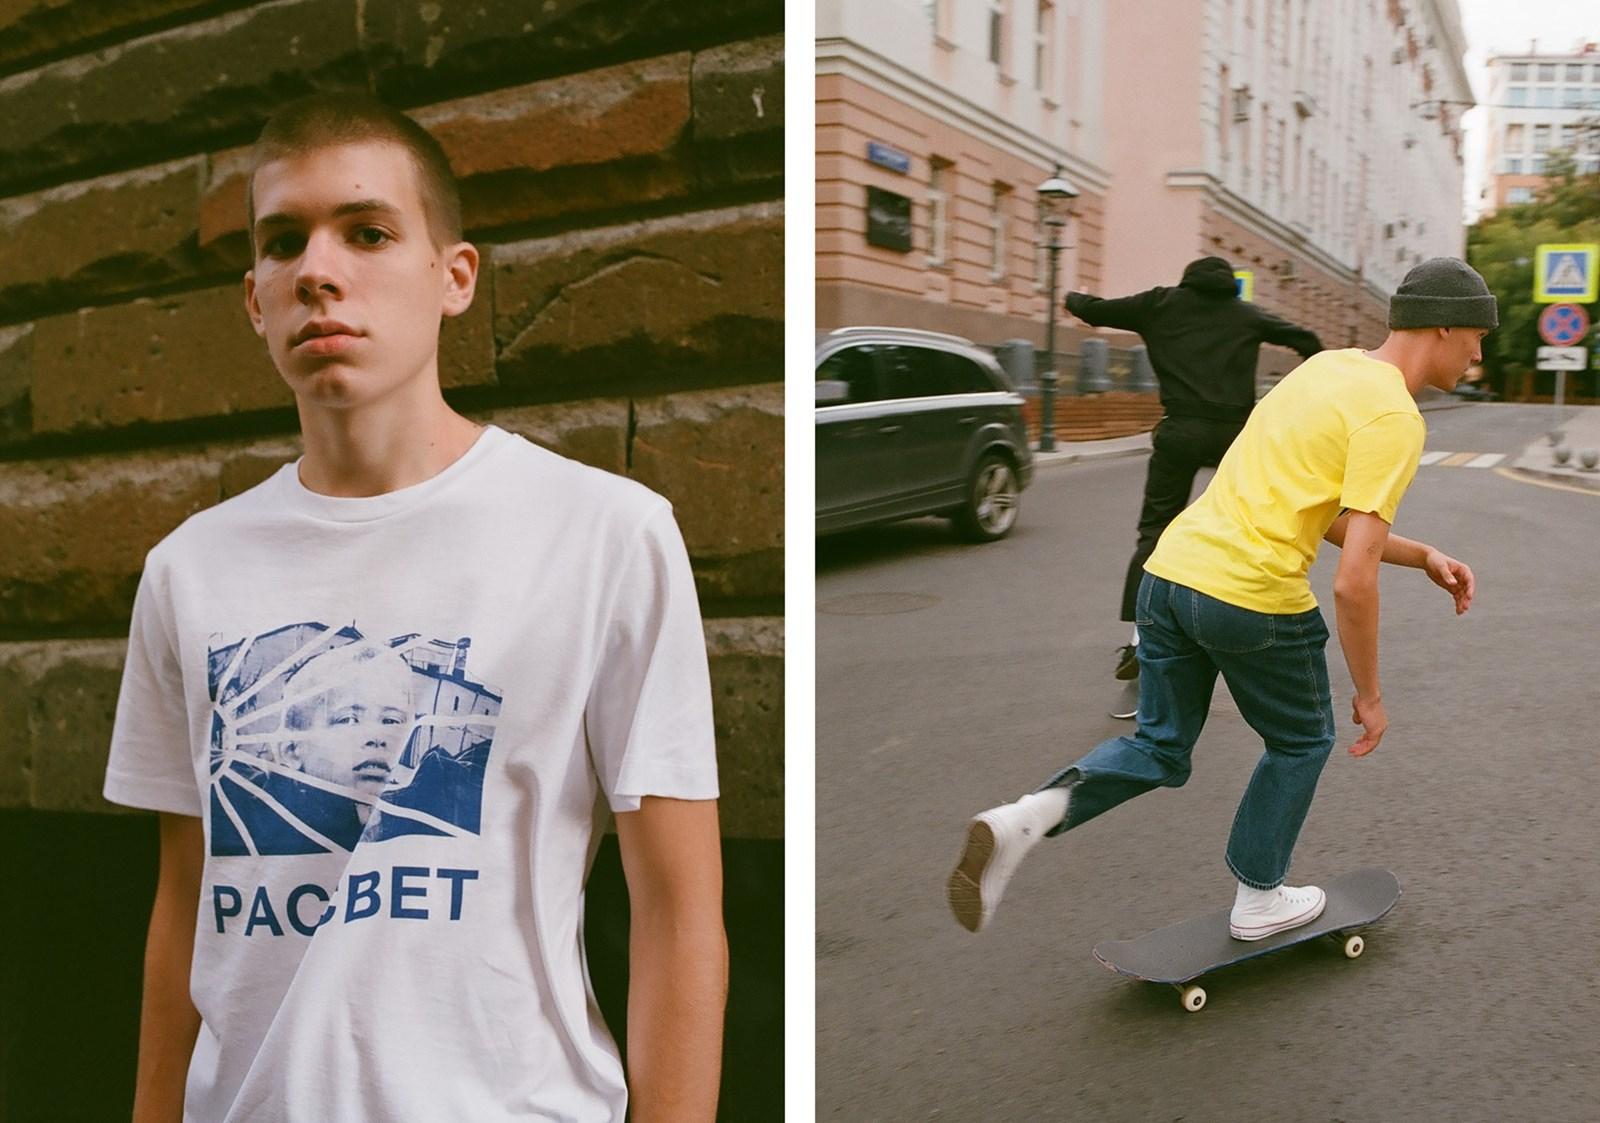 Dwa zdjęcia - na jednym młody mężczyzna w białym t-shirtcie, na drugim skateboarderzy